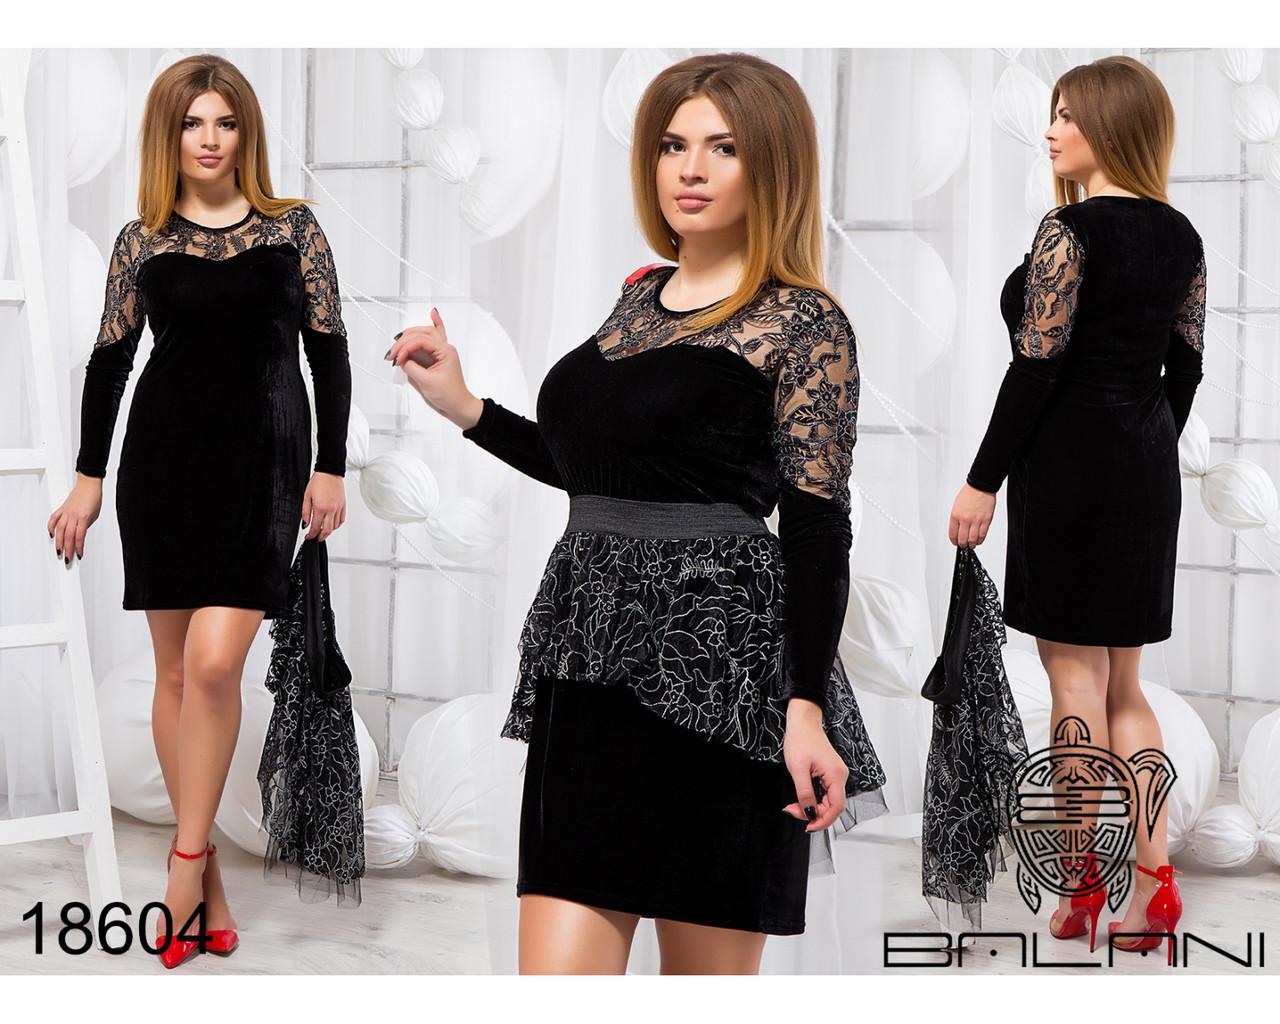 Шикарное платье со съемной юбкой - 18604 Черный/